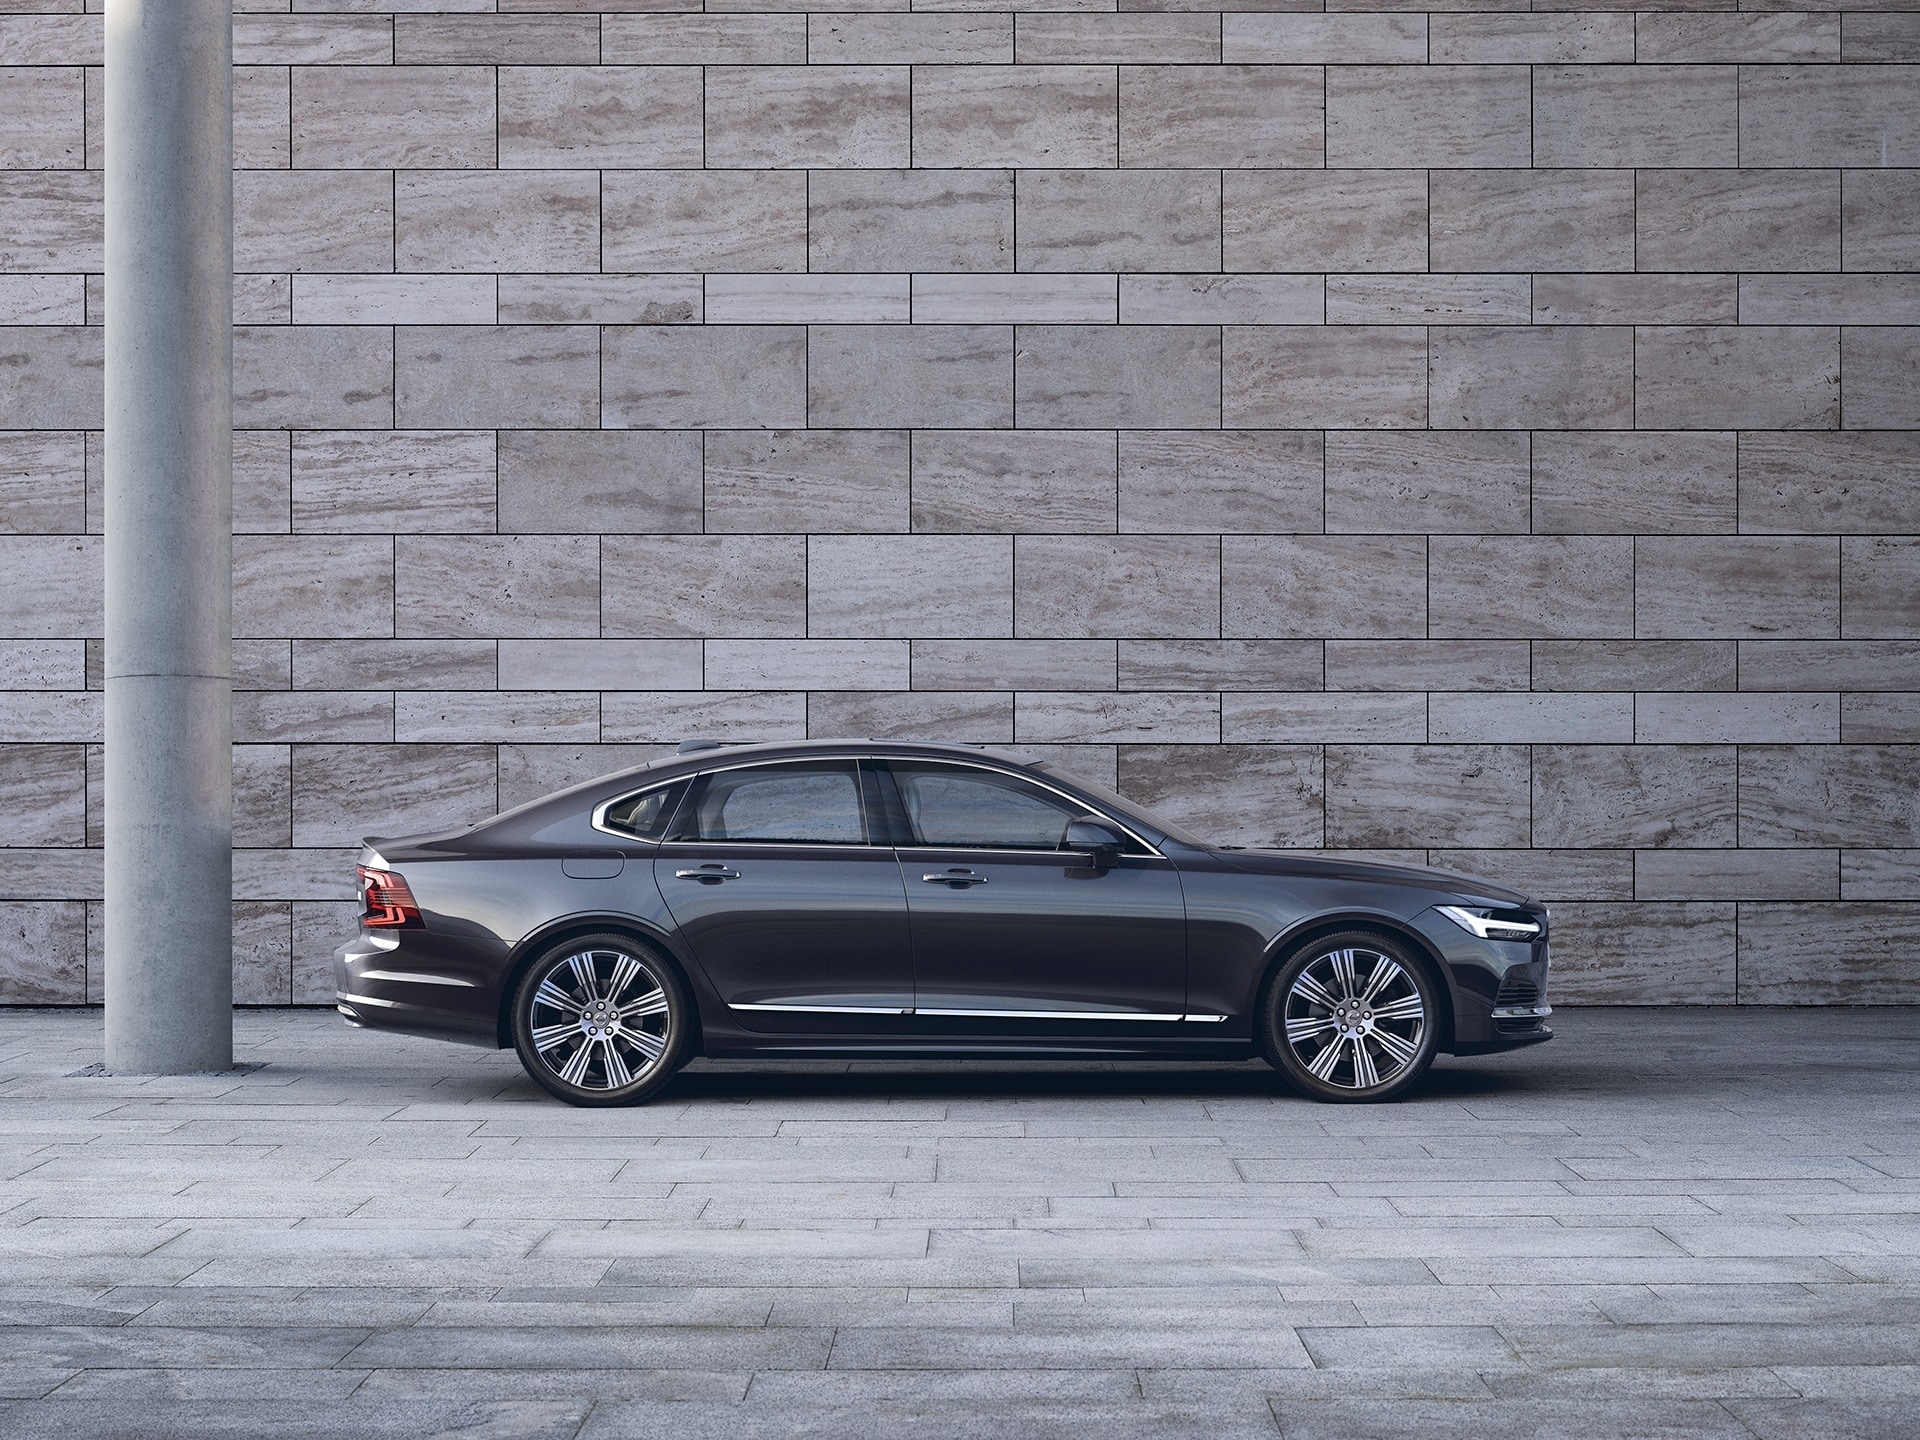 Berline Volvo S90 sombre garée devant un mur gris